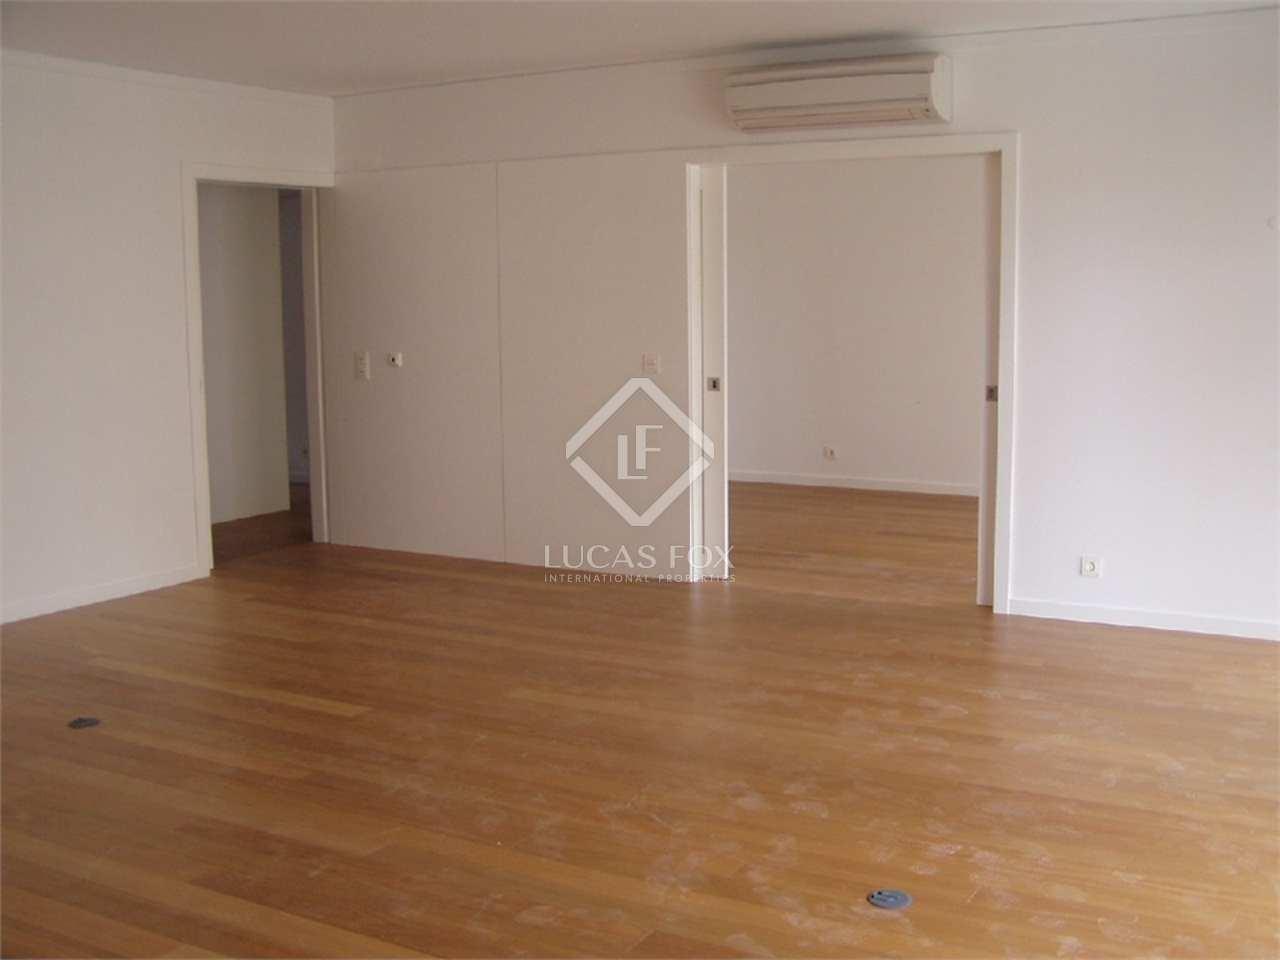 264m wohnung zum verkauf in lissabon stadt portugal. Black Bedroom Furniture Sets. Home Design Ideas